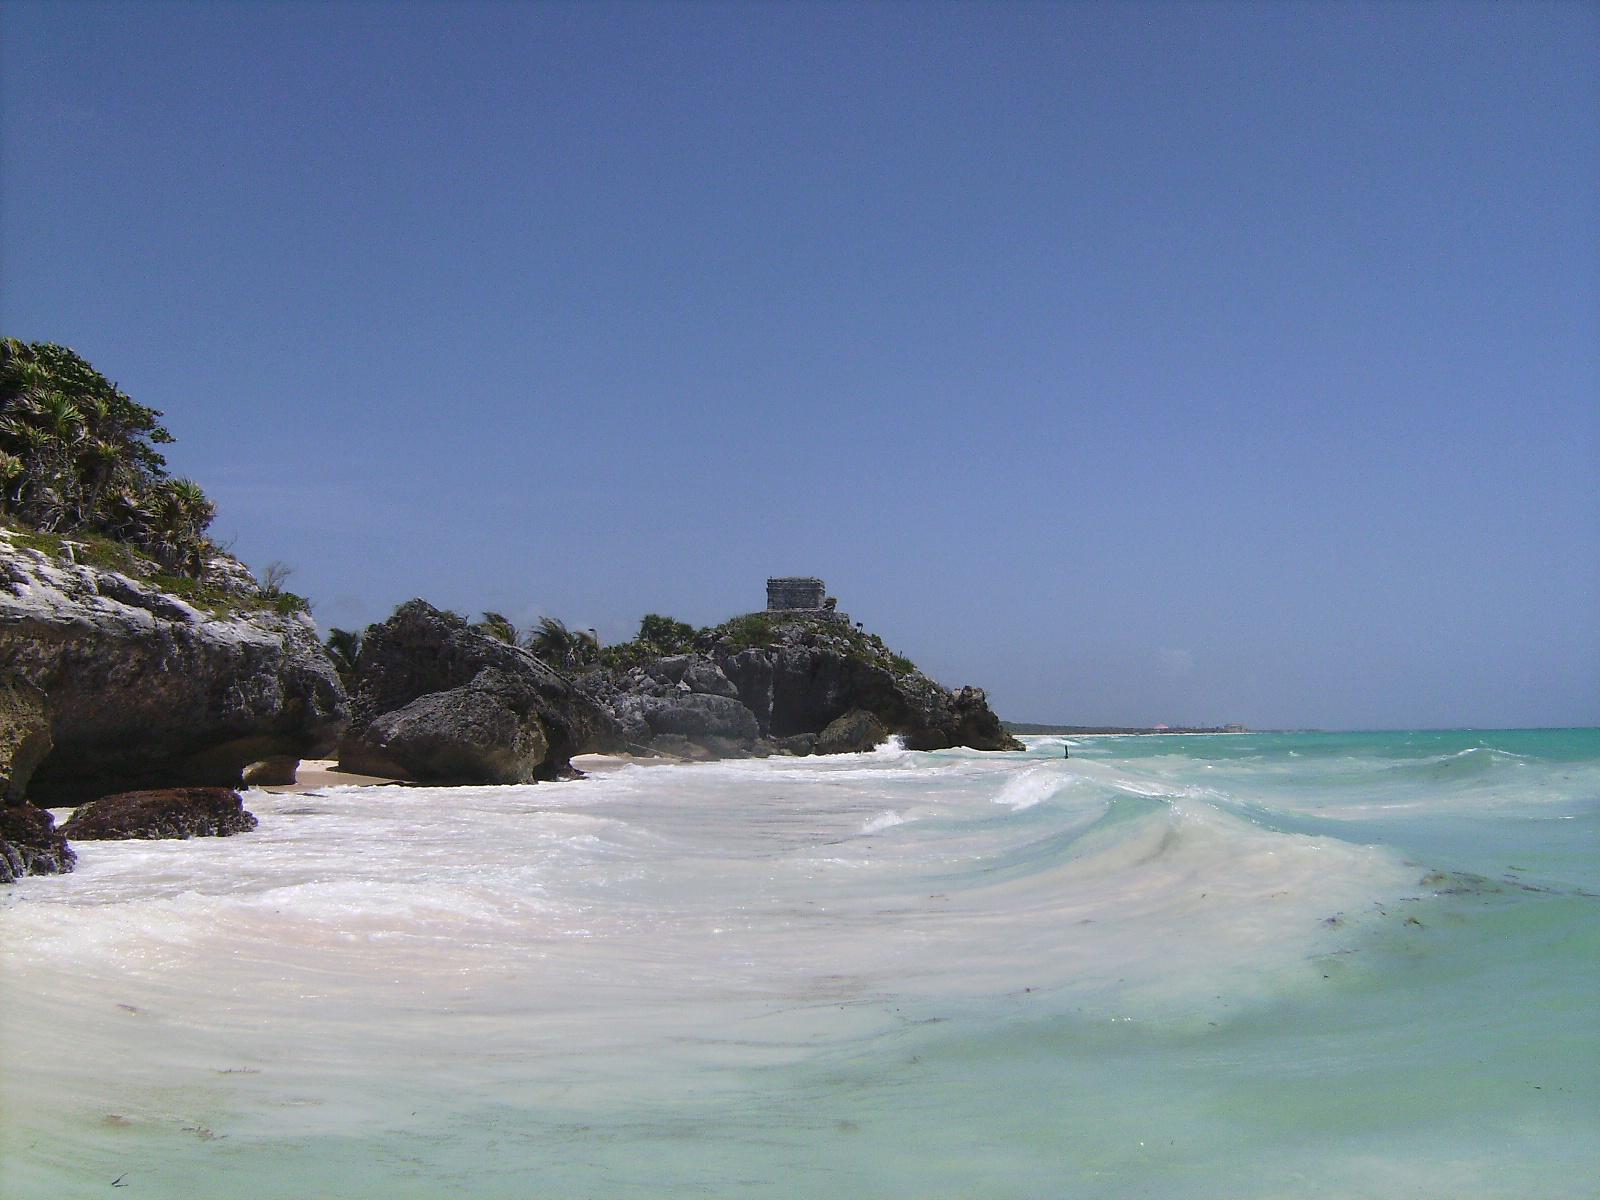 El castillo de las ruinas de Tulum sobre el mar Caribe